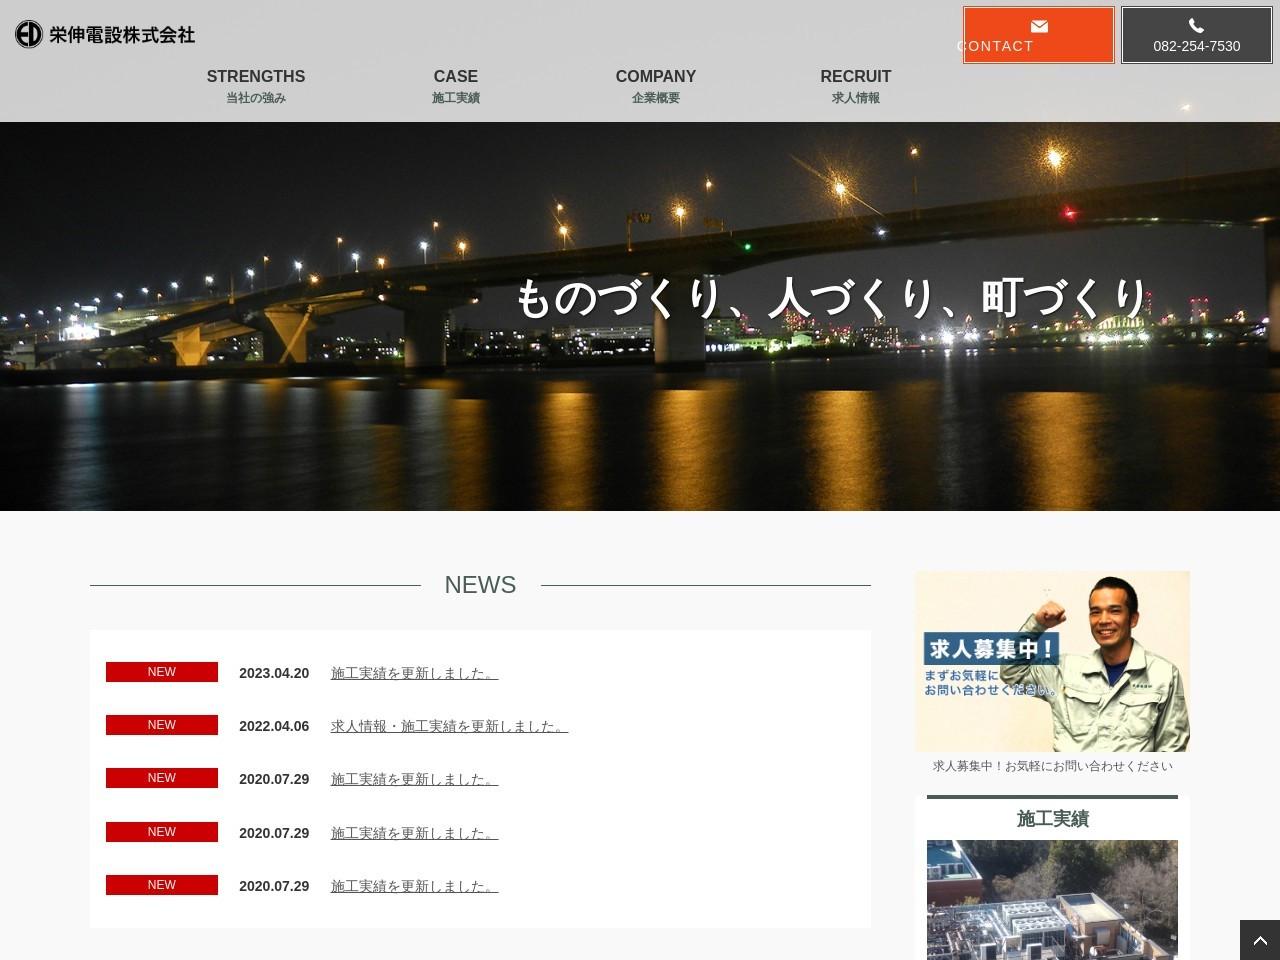 栄伸電設株式会社